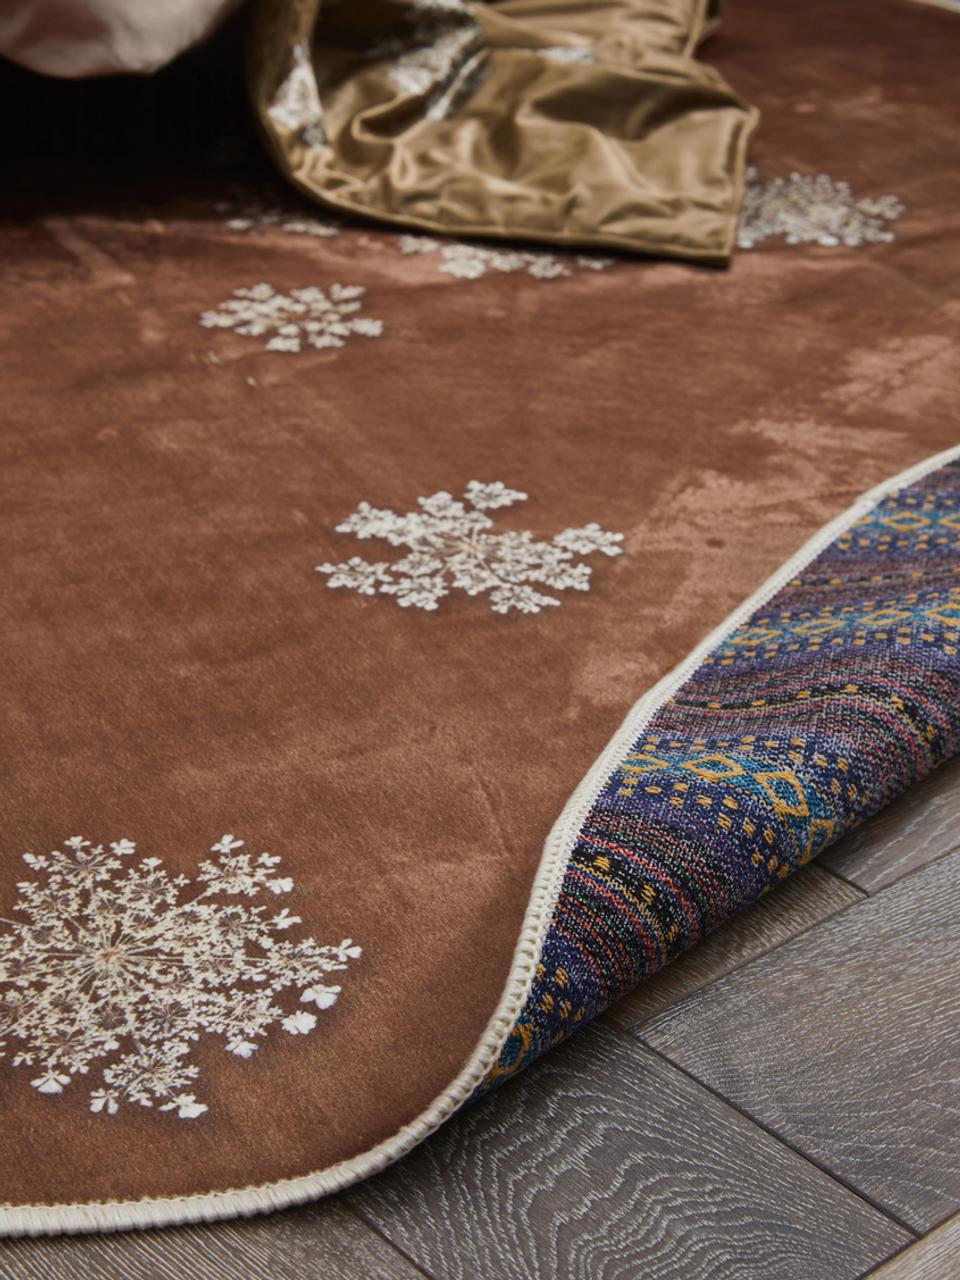 Runder Teppich Lauren mit Blumenprint, 60% Polyester, 30% thermoplastisches Polyurethan, 10% Baumwolle, Braun, Beige, Ø 90 cm (Größe XS)